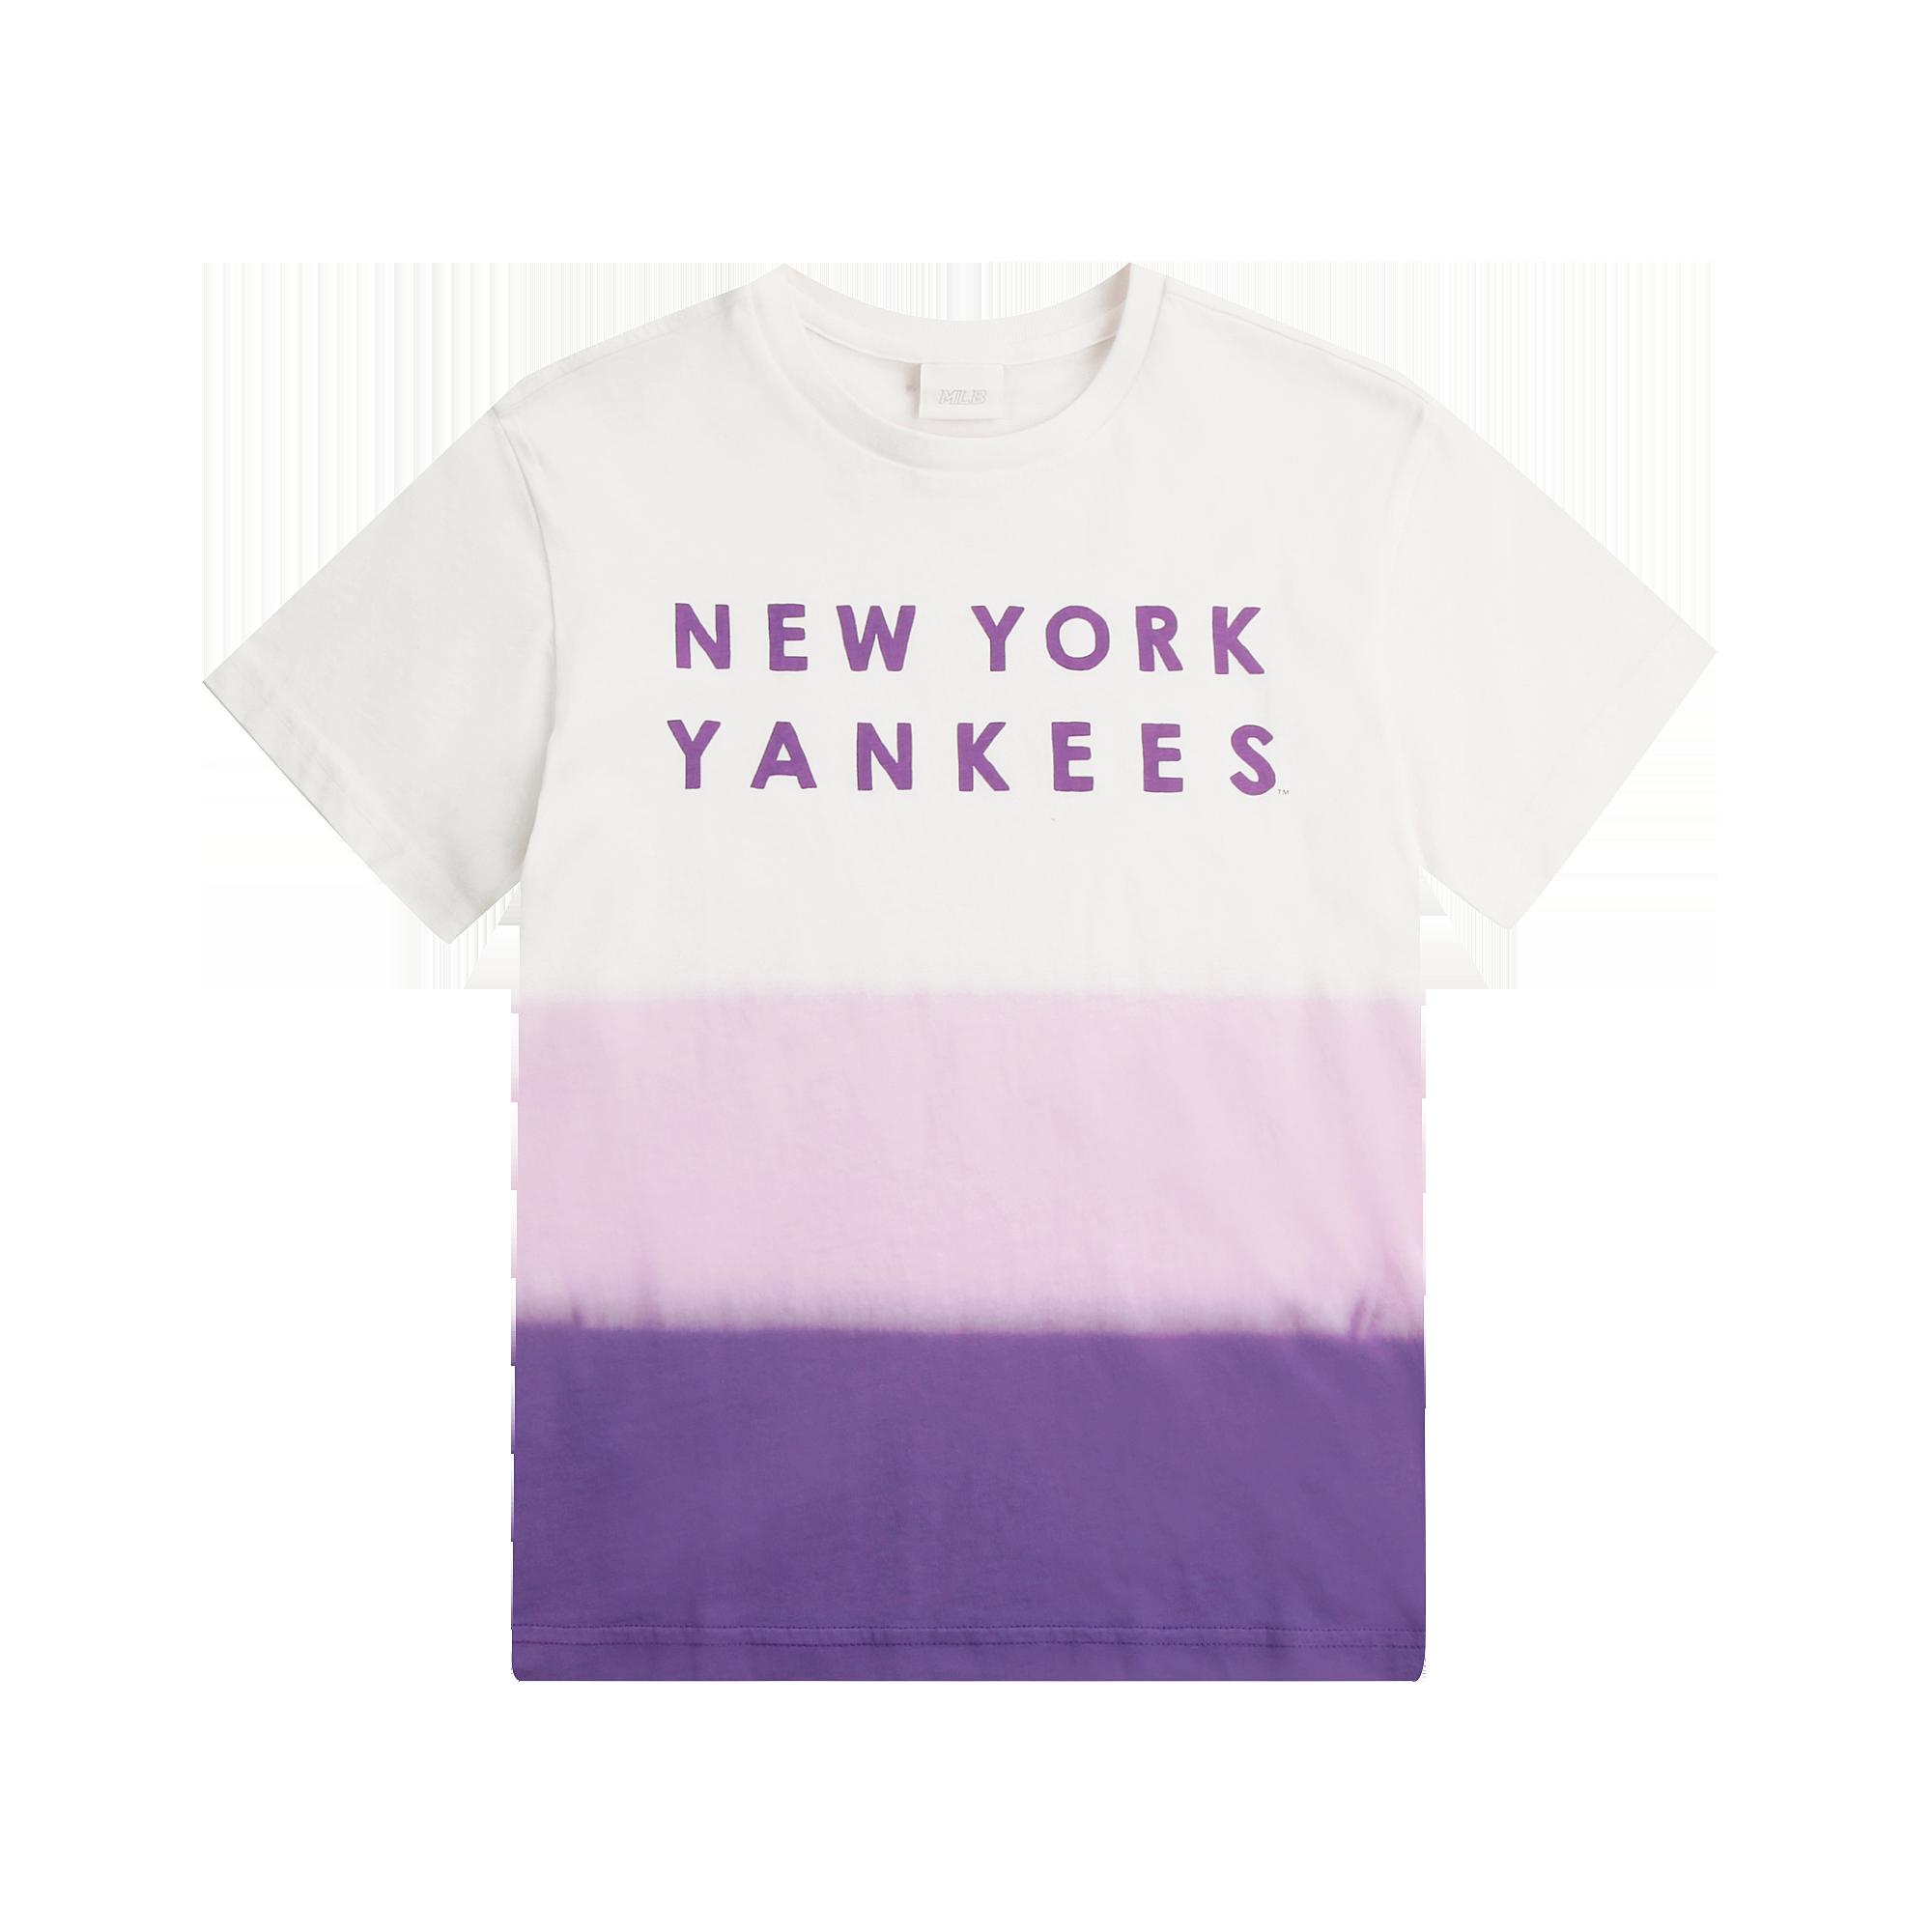 그라데이션 타이다잉 반팔 티셔츠 뉴욕양키스